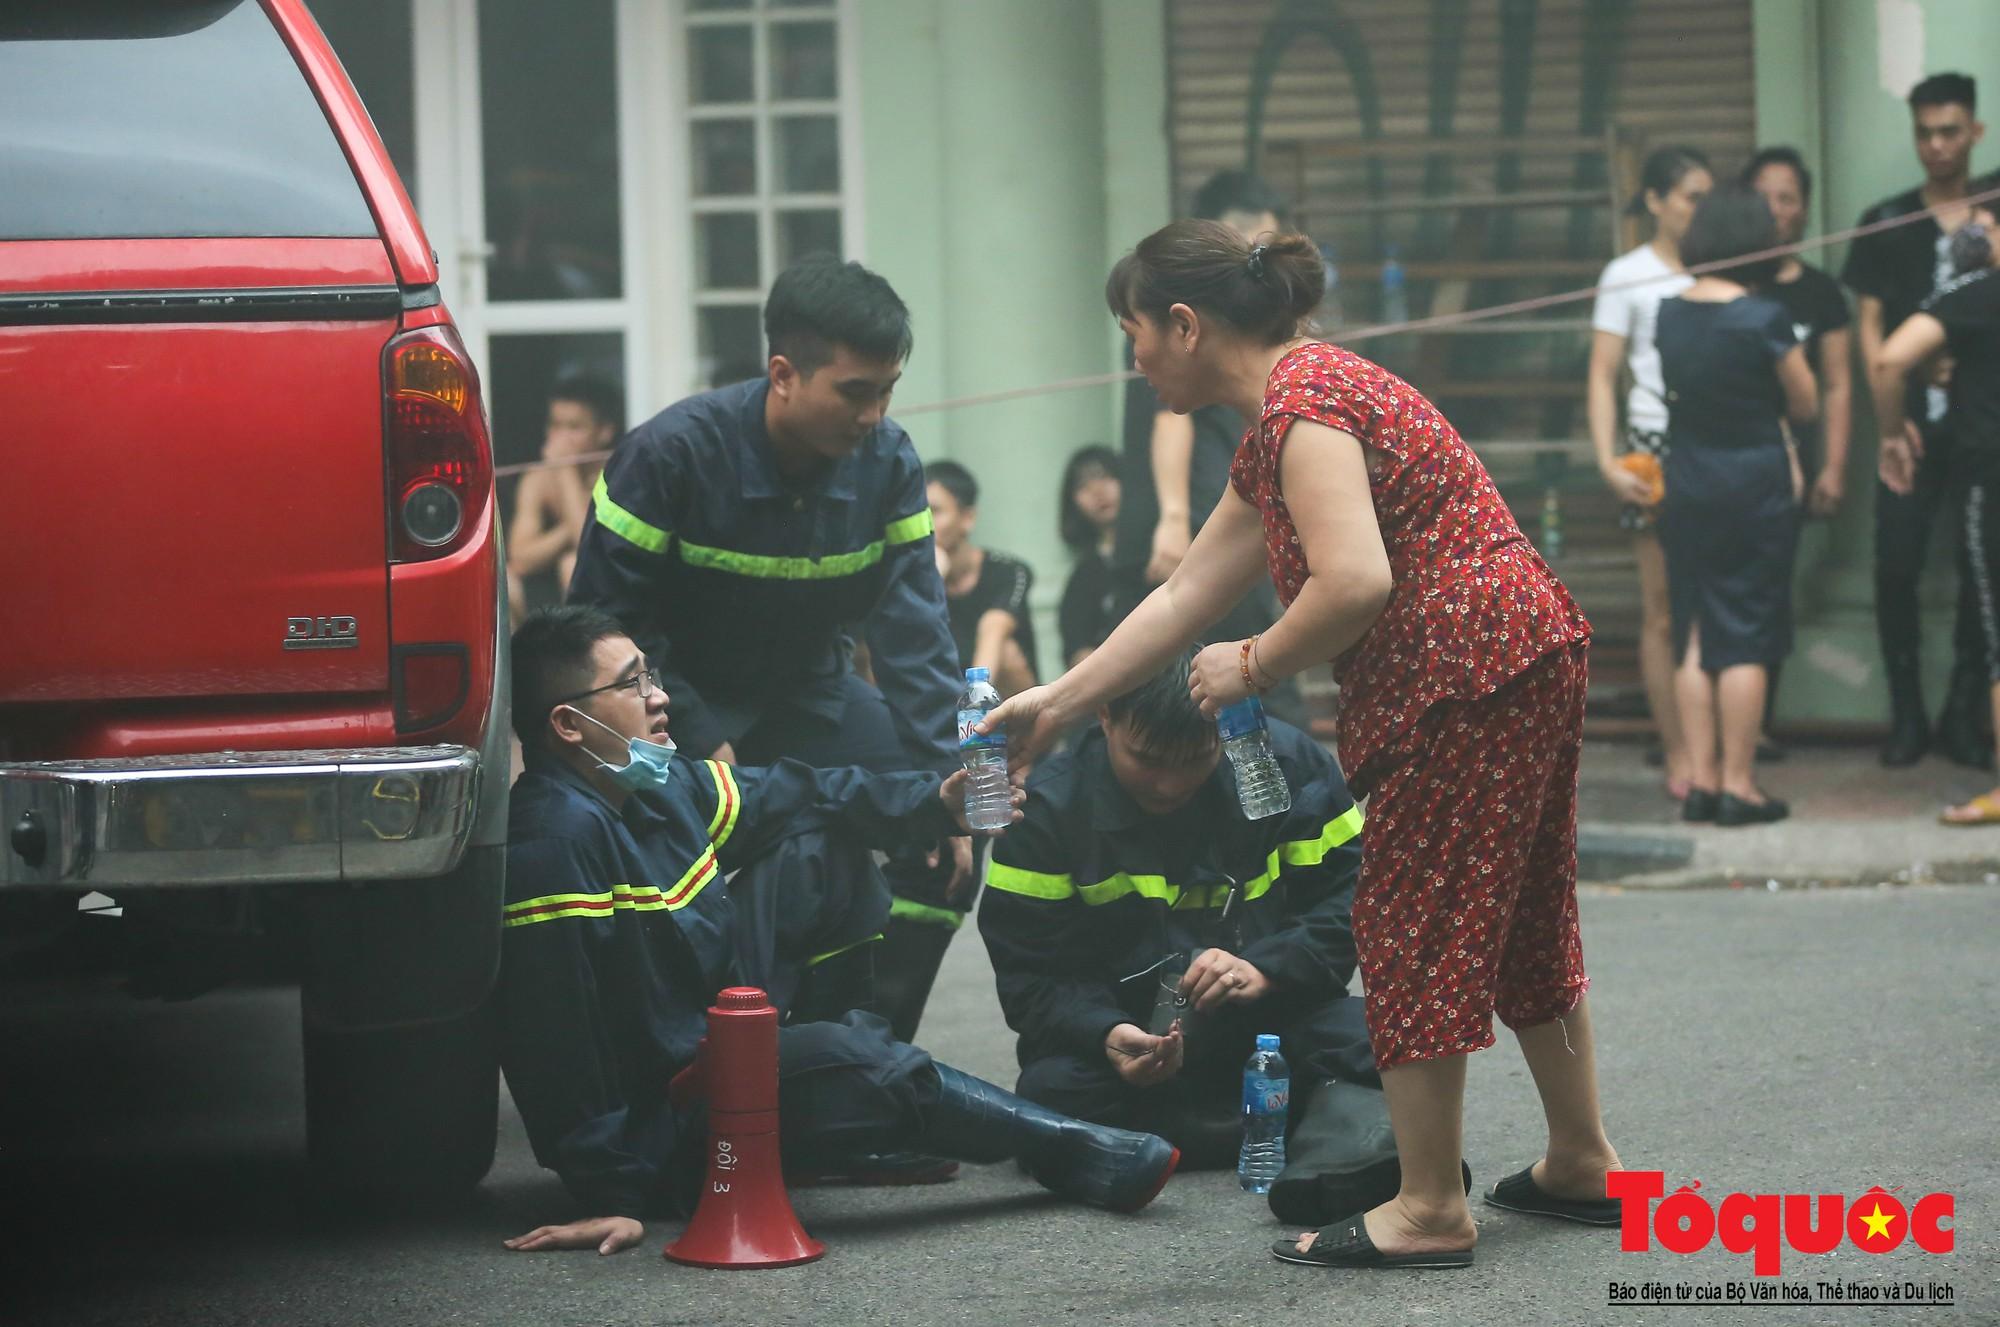 Hà Nội: Cháy khách sạn trên phố cổ, gần 30 người được đưa ra khỏi đám cháy - Ảnh 14.